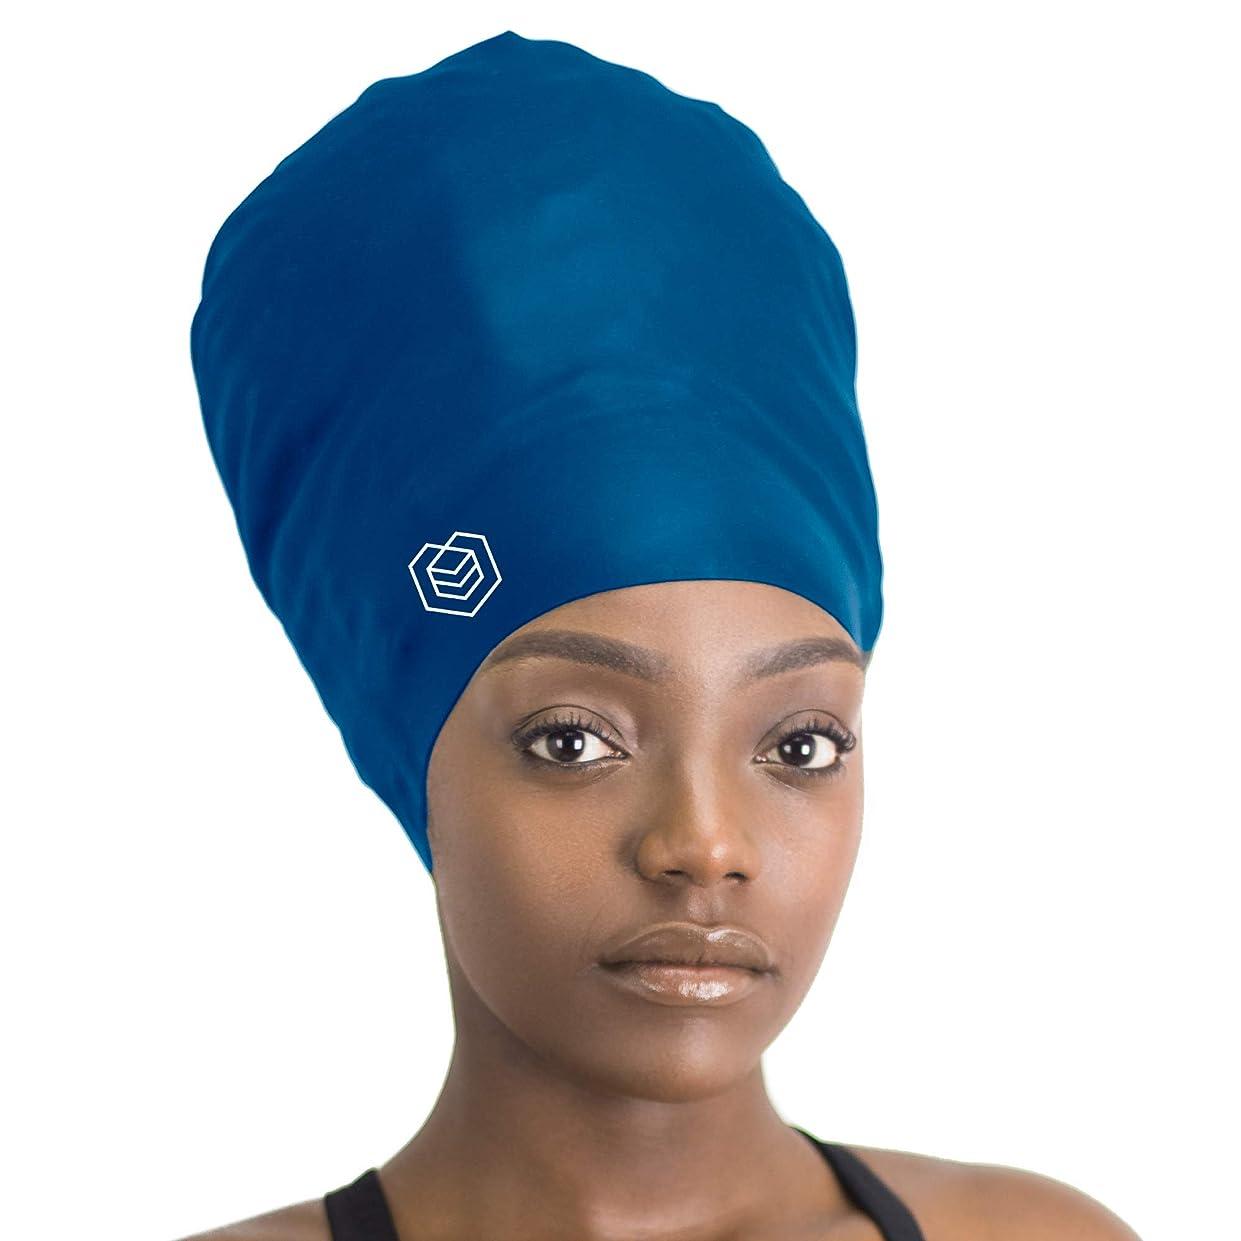 霧深いバーチャルメディカルSOUL CAP XXL - エクストララージ スイミングキャップ/シャワーキャップ   ロングヘア、ドレッドロック、ウィーブ、ヘアエクステンション、編組、カール、アフロ用に設計   女性と男性   シリコン